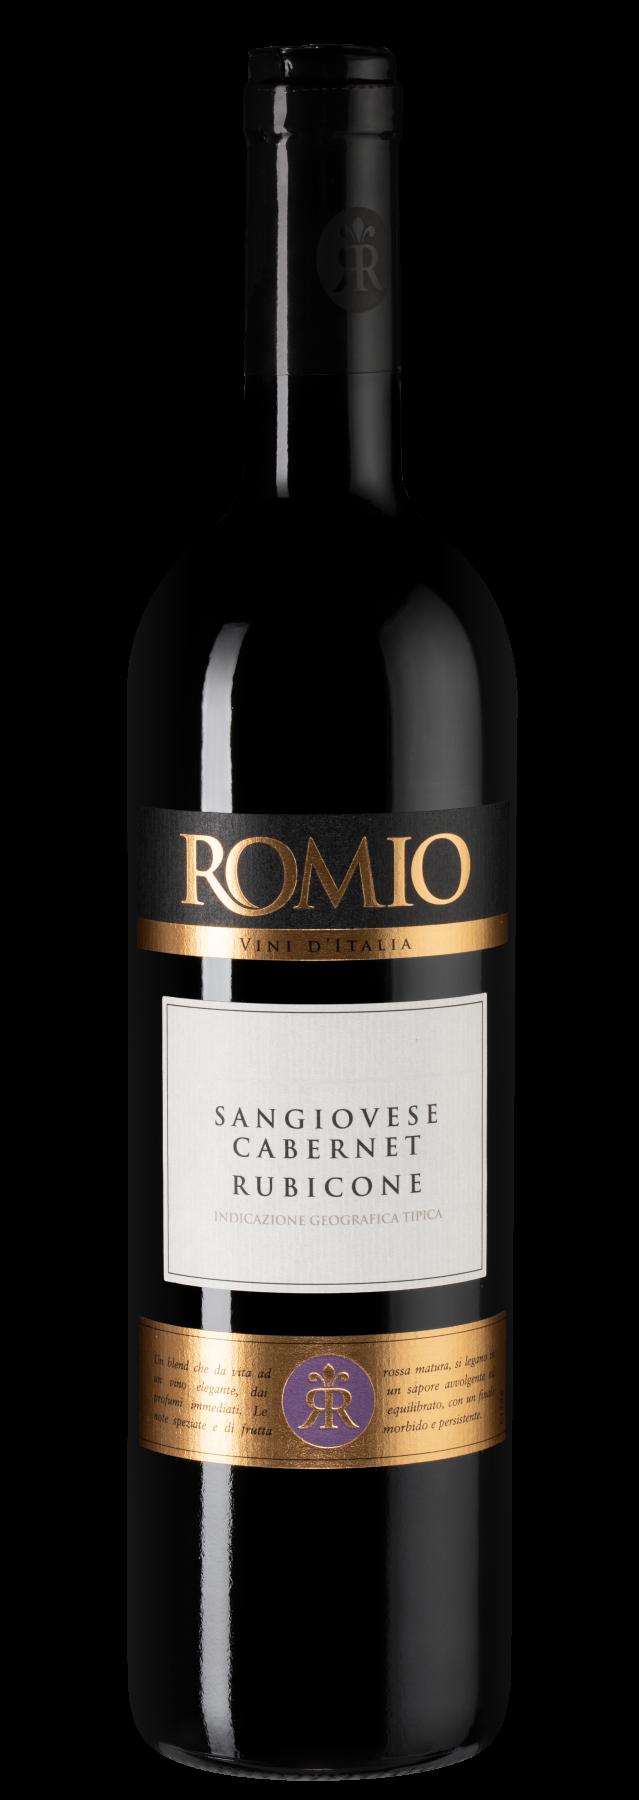 Кьянти (chianti) – самое известное итальянское вино